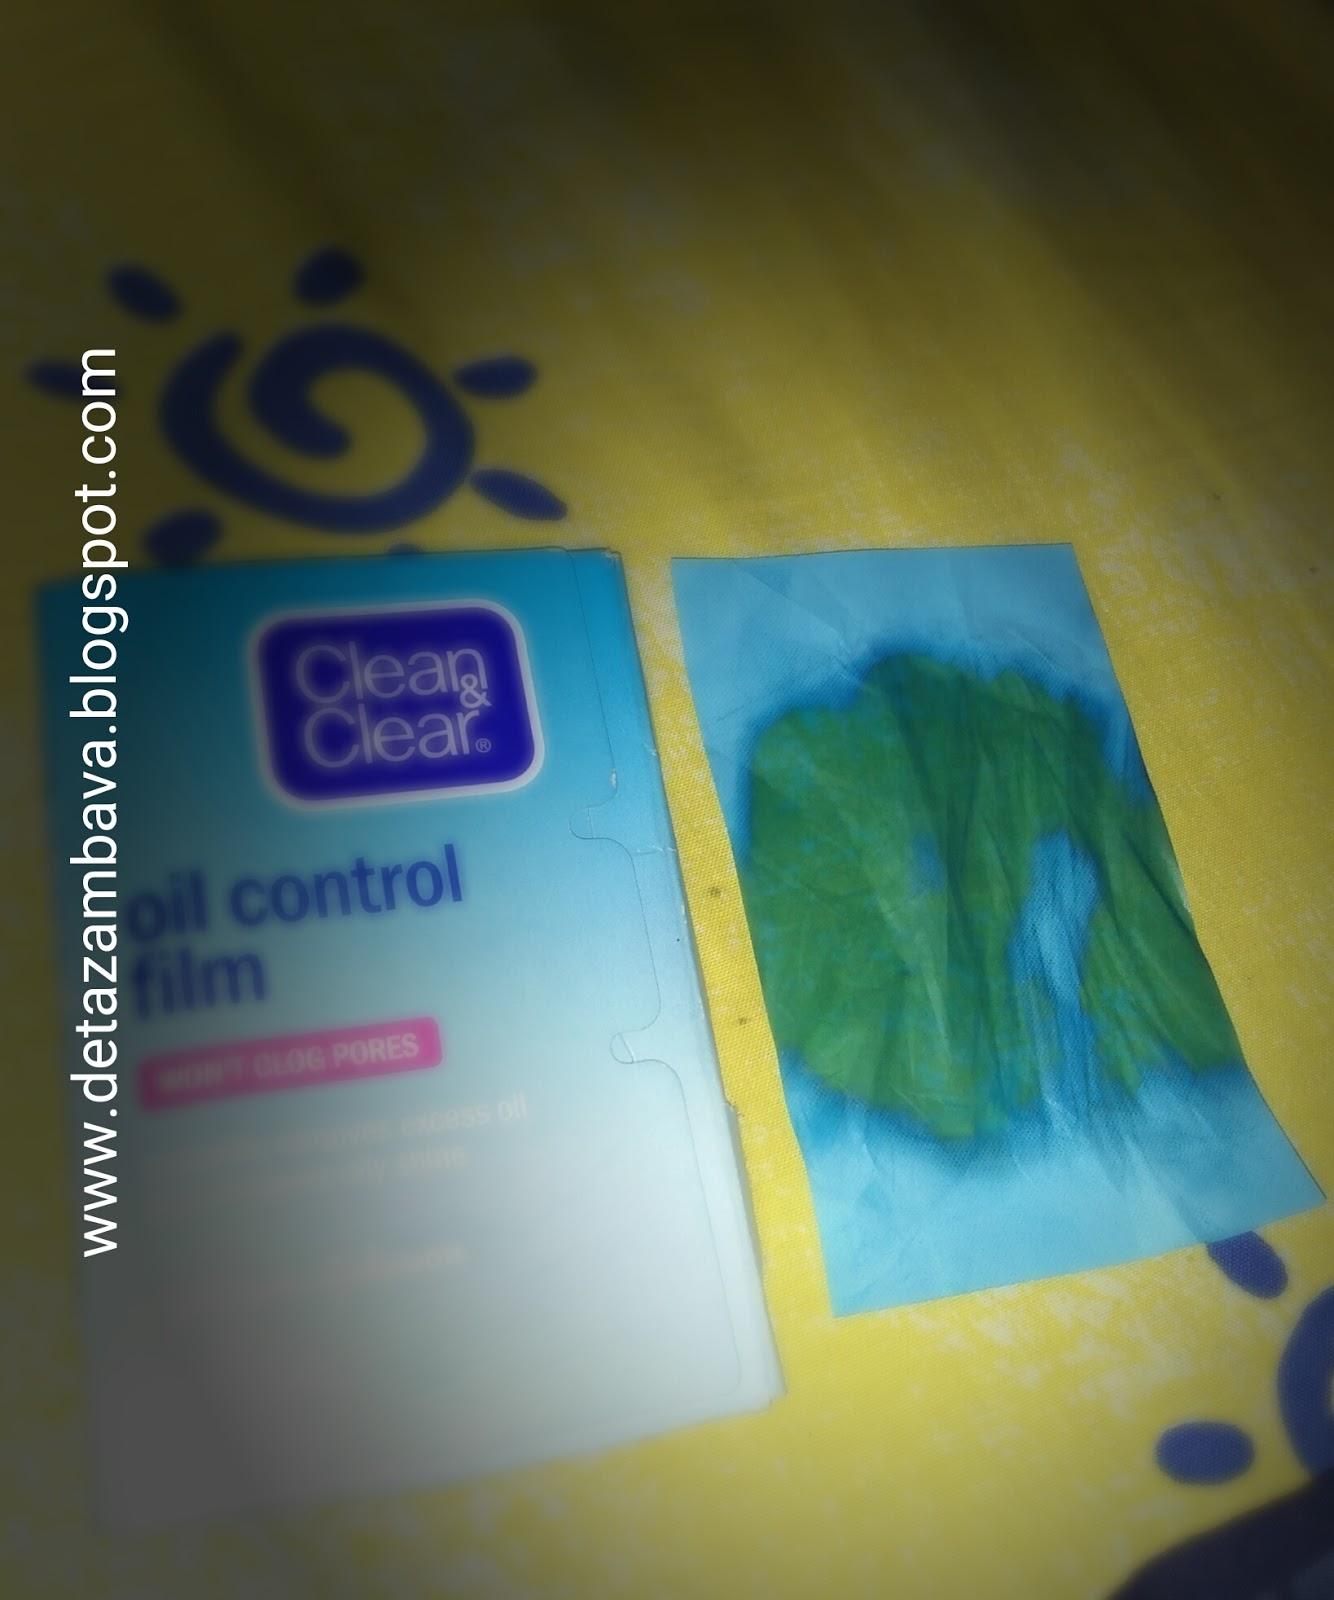 Bunga Lotus Clean Clear Oil Control Film